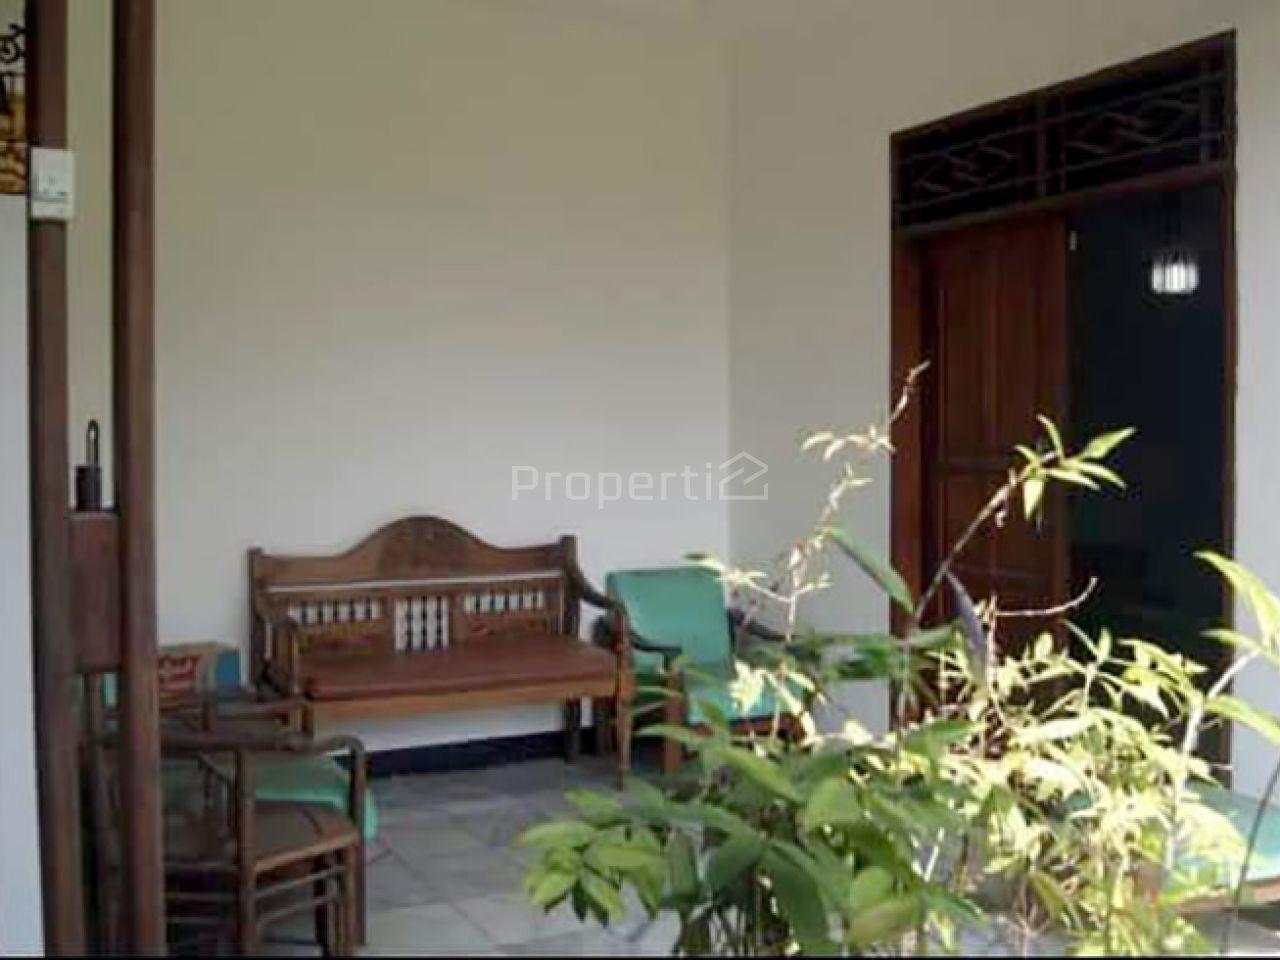 Rumah Sederhana dan Halaman Luas di Area Strategis Jagakarsa, DKI Jakarta